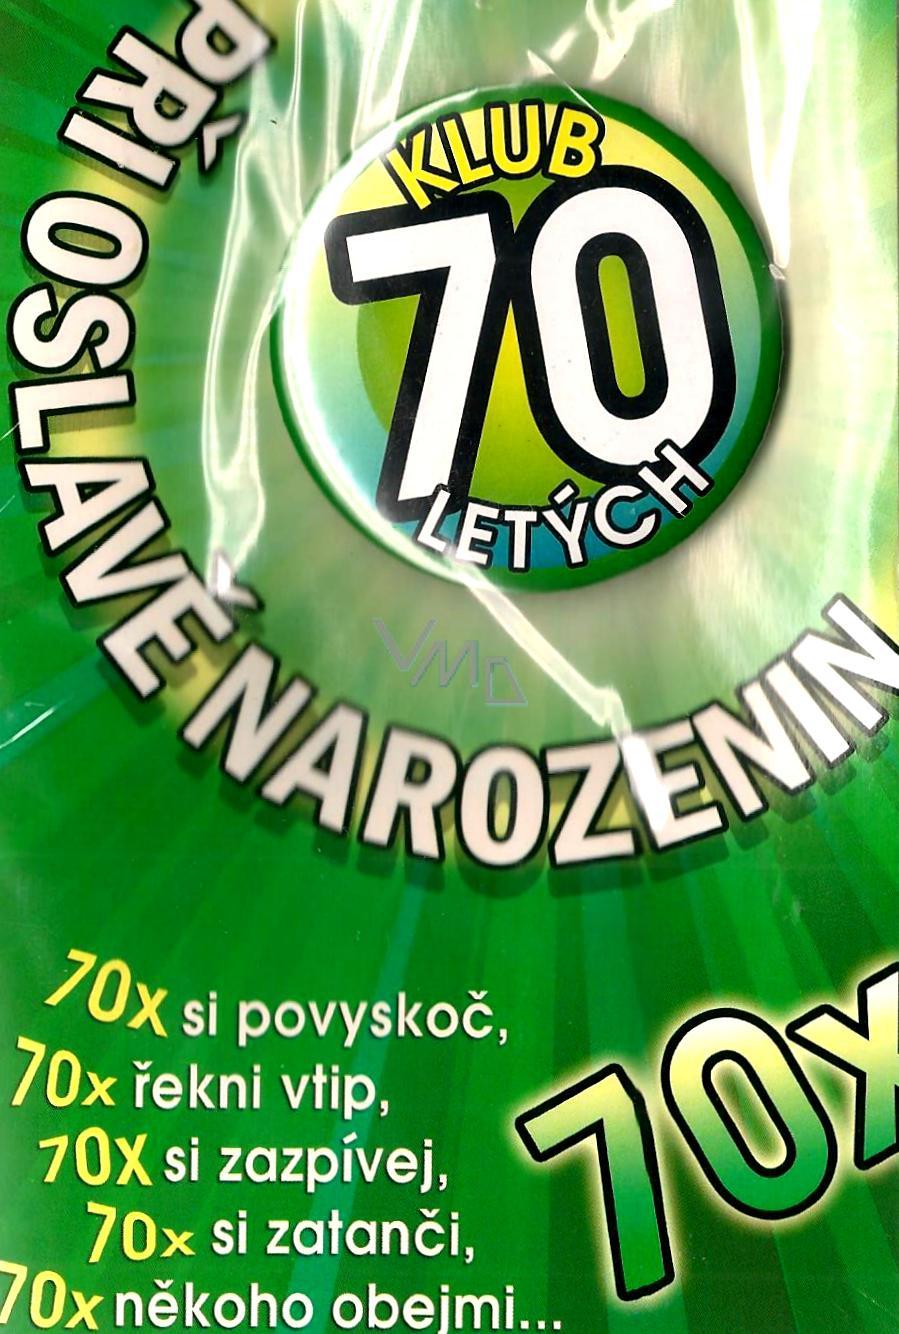 přání k 70 tým narozeninám Nekupto Přání k narozeninám Klub 70 letých   VMD drogerie přání k 70 tým narozeninám